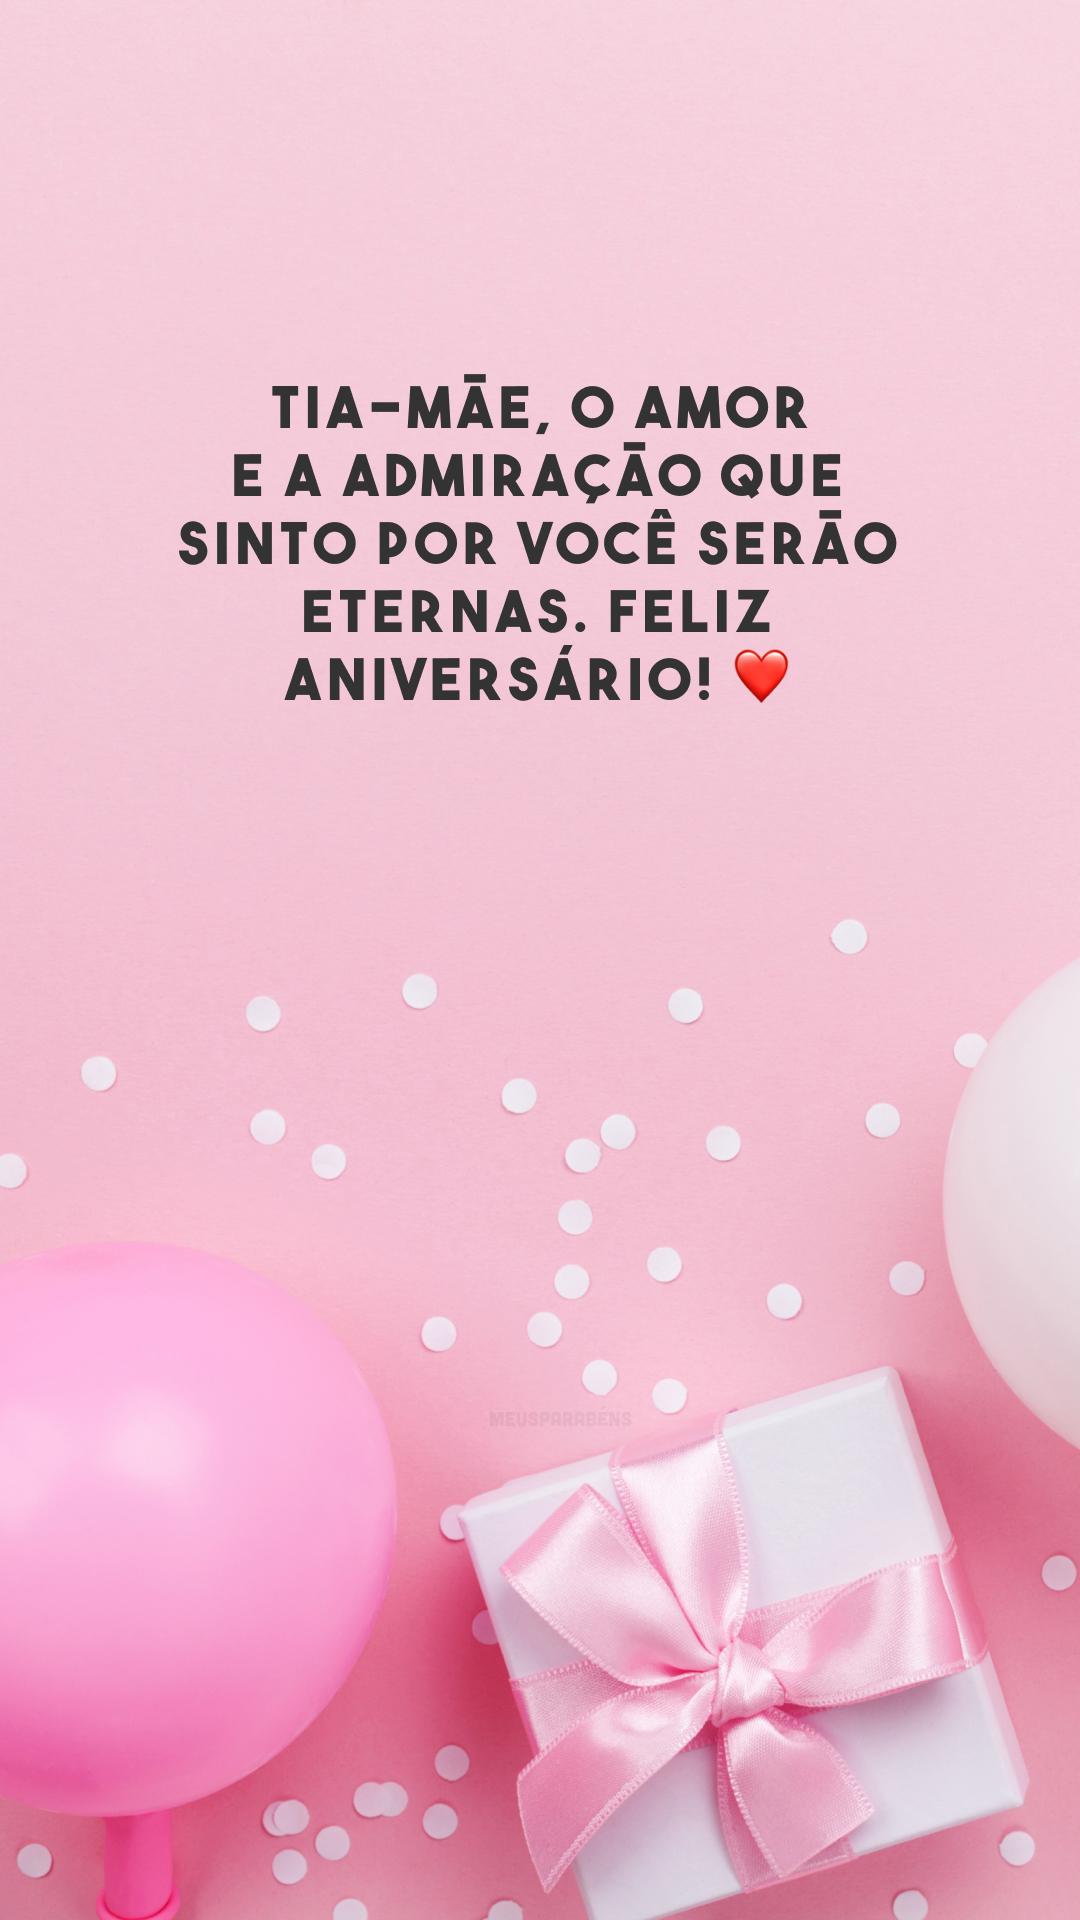 Tia-mãe, o amor e a admiração que sinto por você serão eternas. Feliz aniversário! ❤️